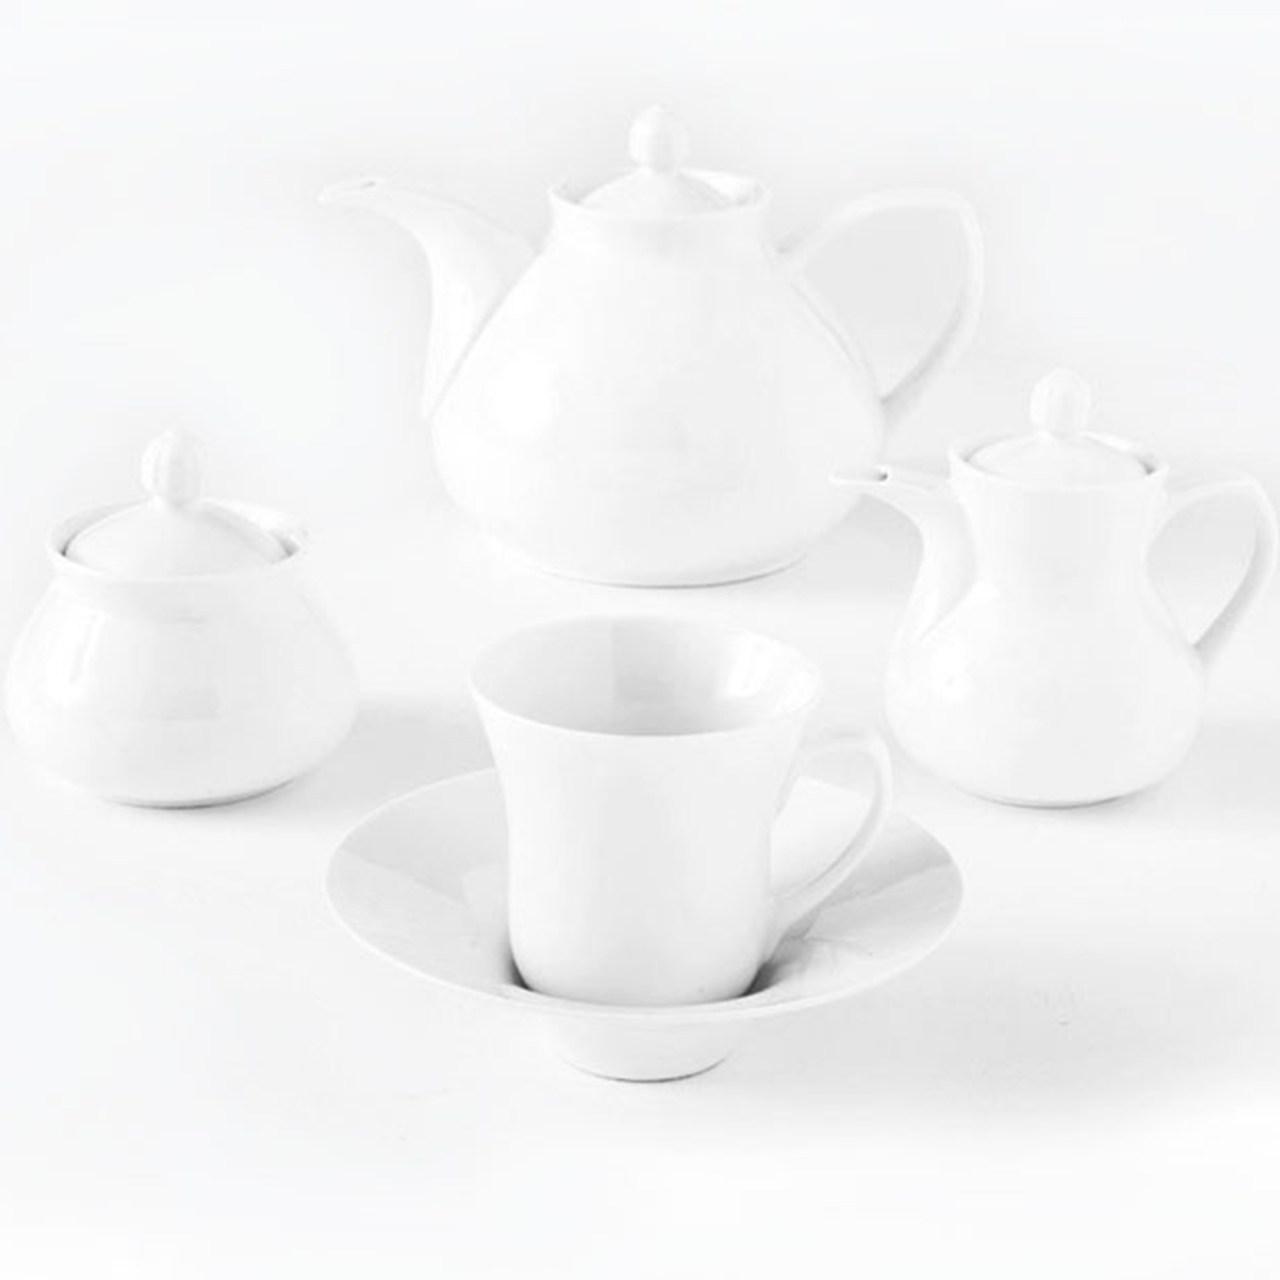 سرویس چینی 18 پارچه چای خوری چینی زرین ایران سری شهرزاد مدل سفید درجه عالی